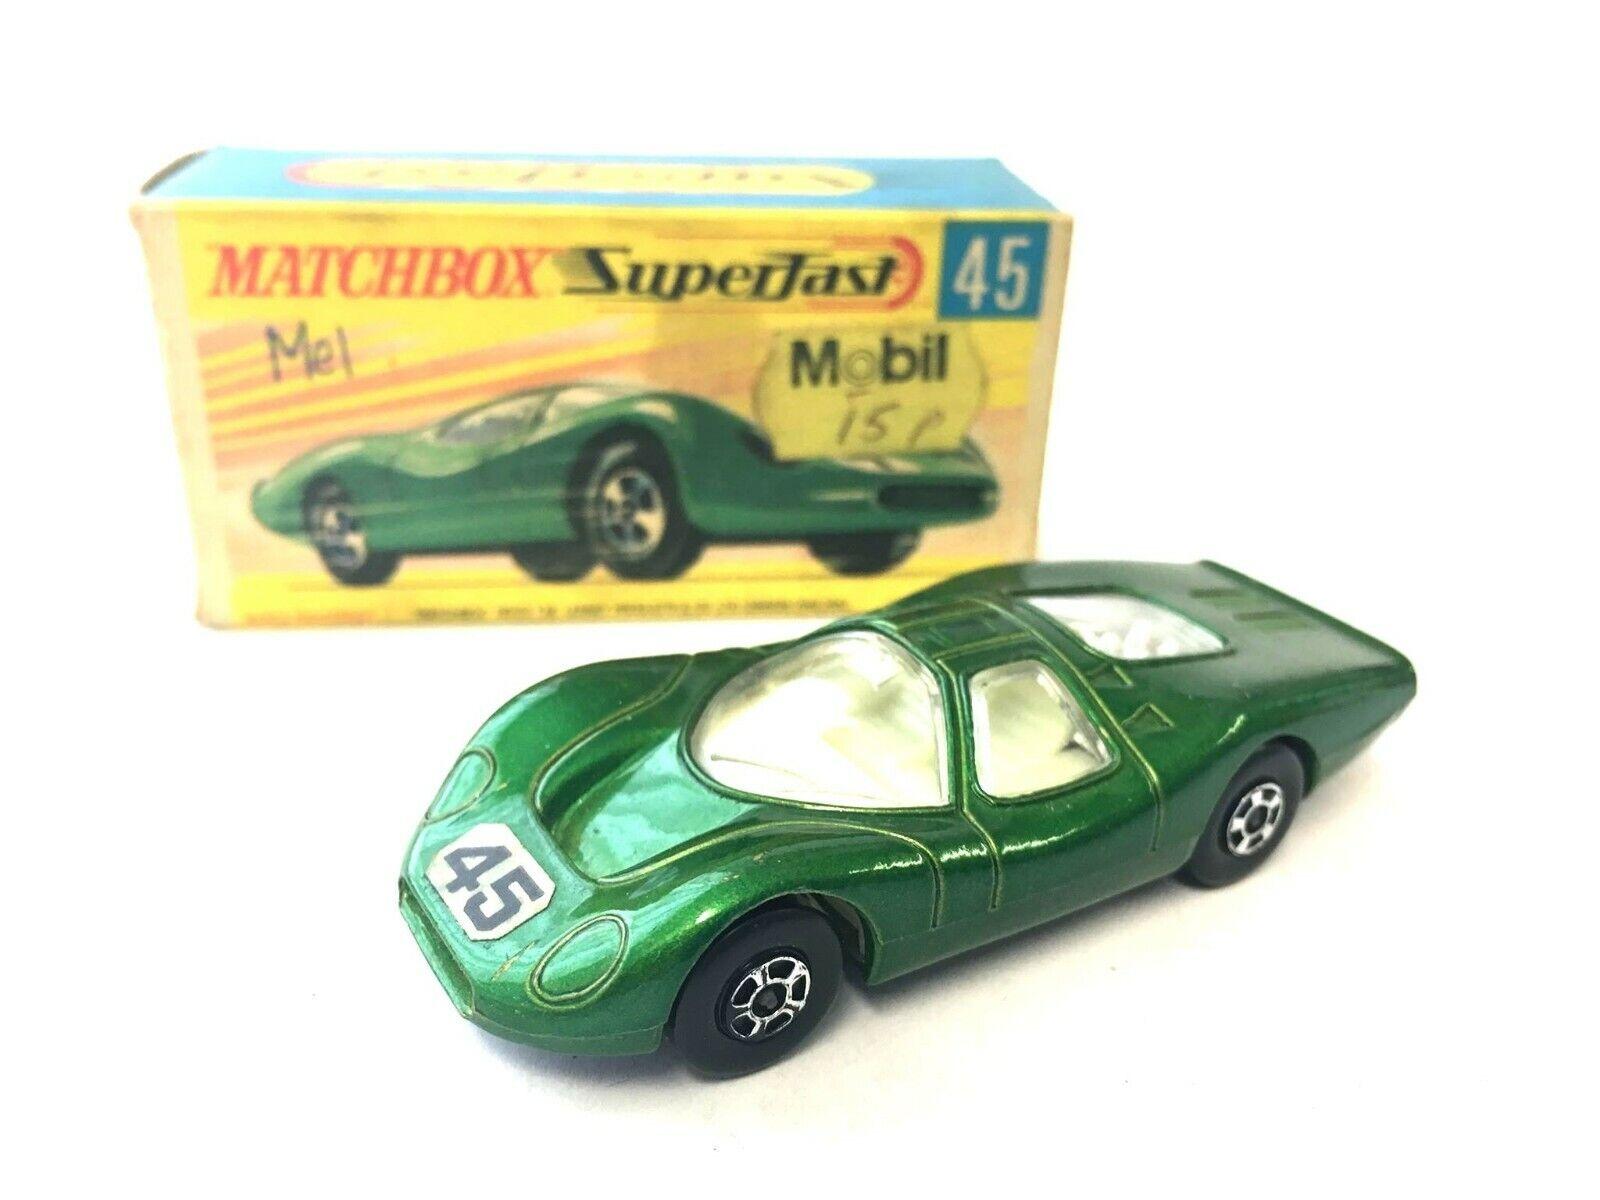 MATCHBOX SUPERFAST 45 FORD Group 6 Vintage en boîte d'origine